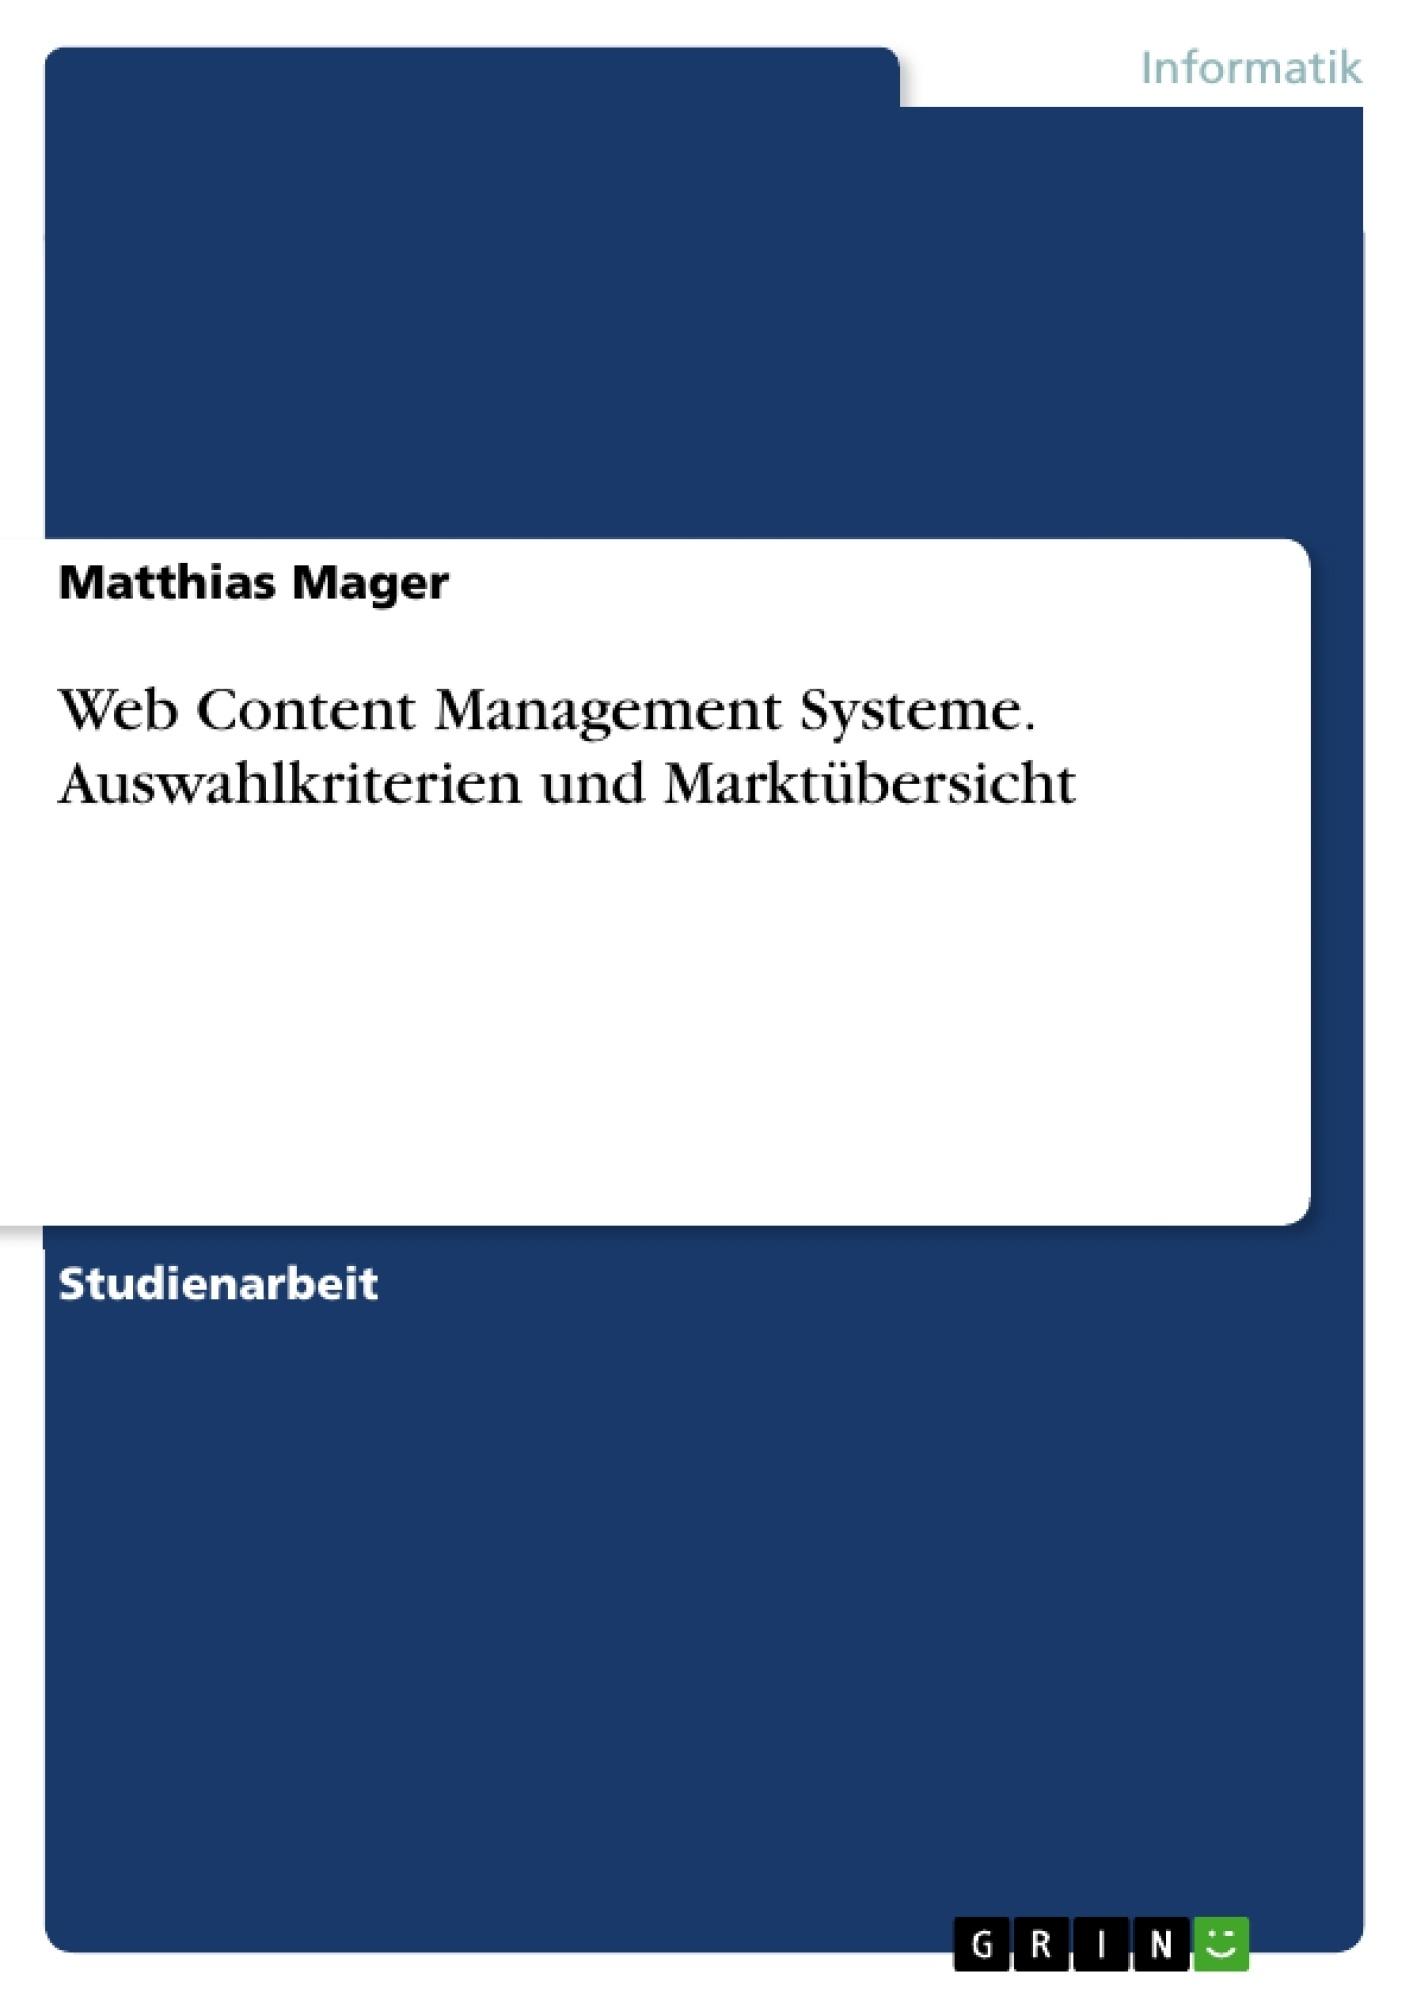 Titel: Web Content Management Systeme. Auswahlkriterien und Marktübersicht